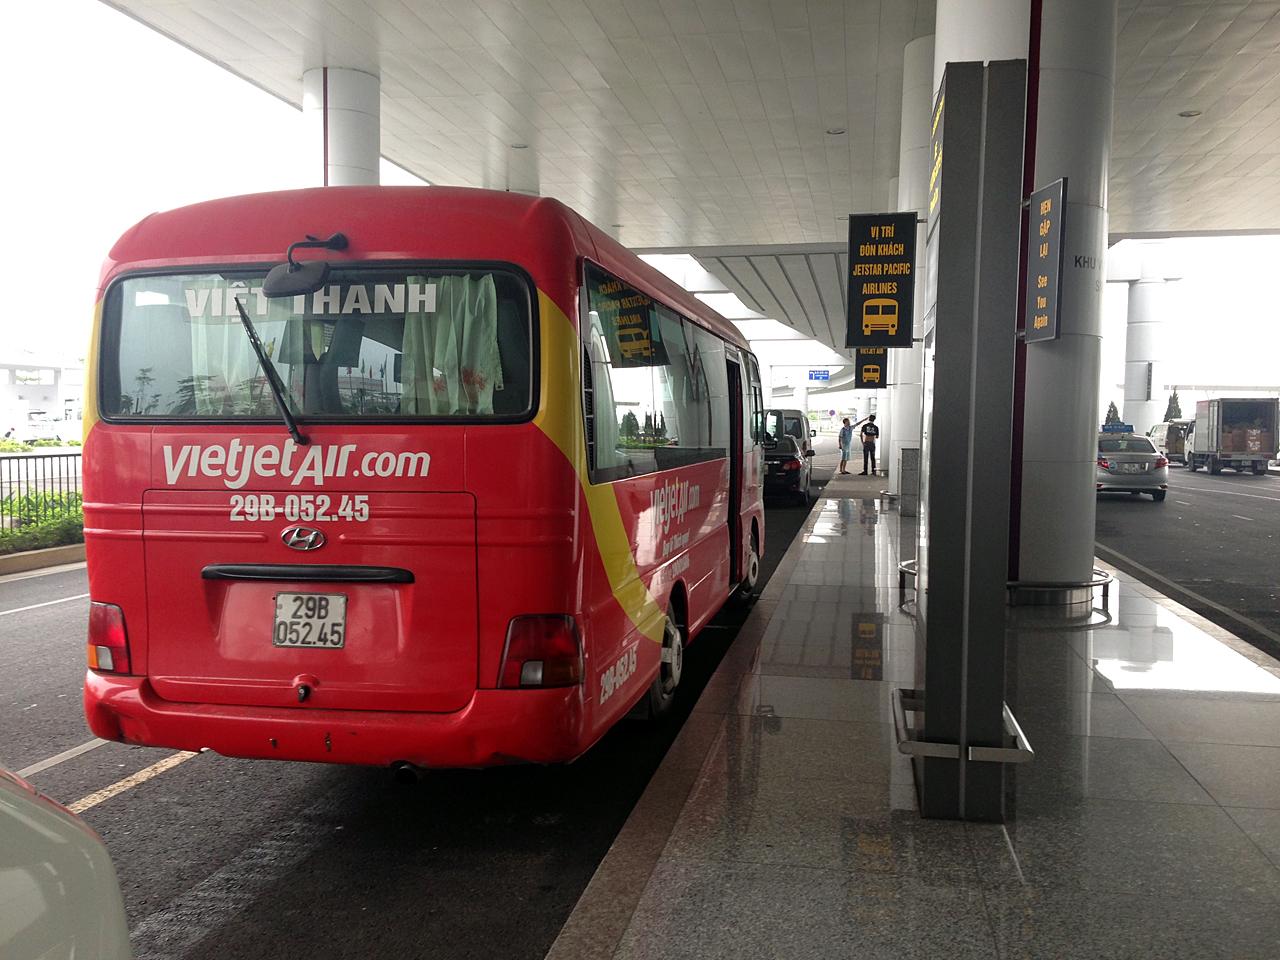 하노이 공항에서 시내로 들어가는 항공사 미니버스를 탈 수 있다.